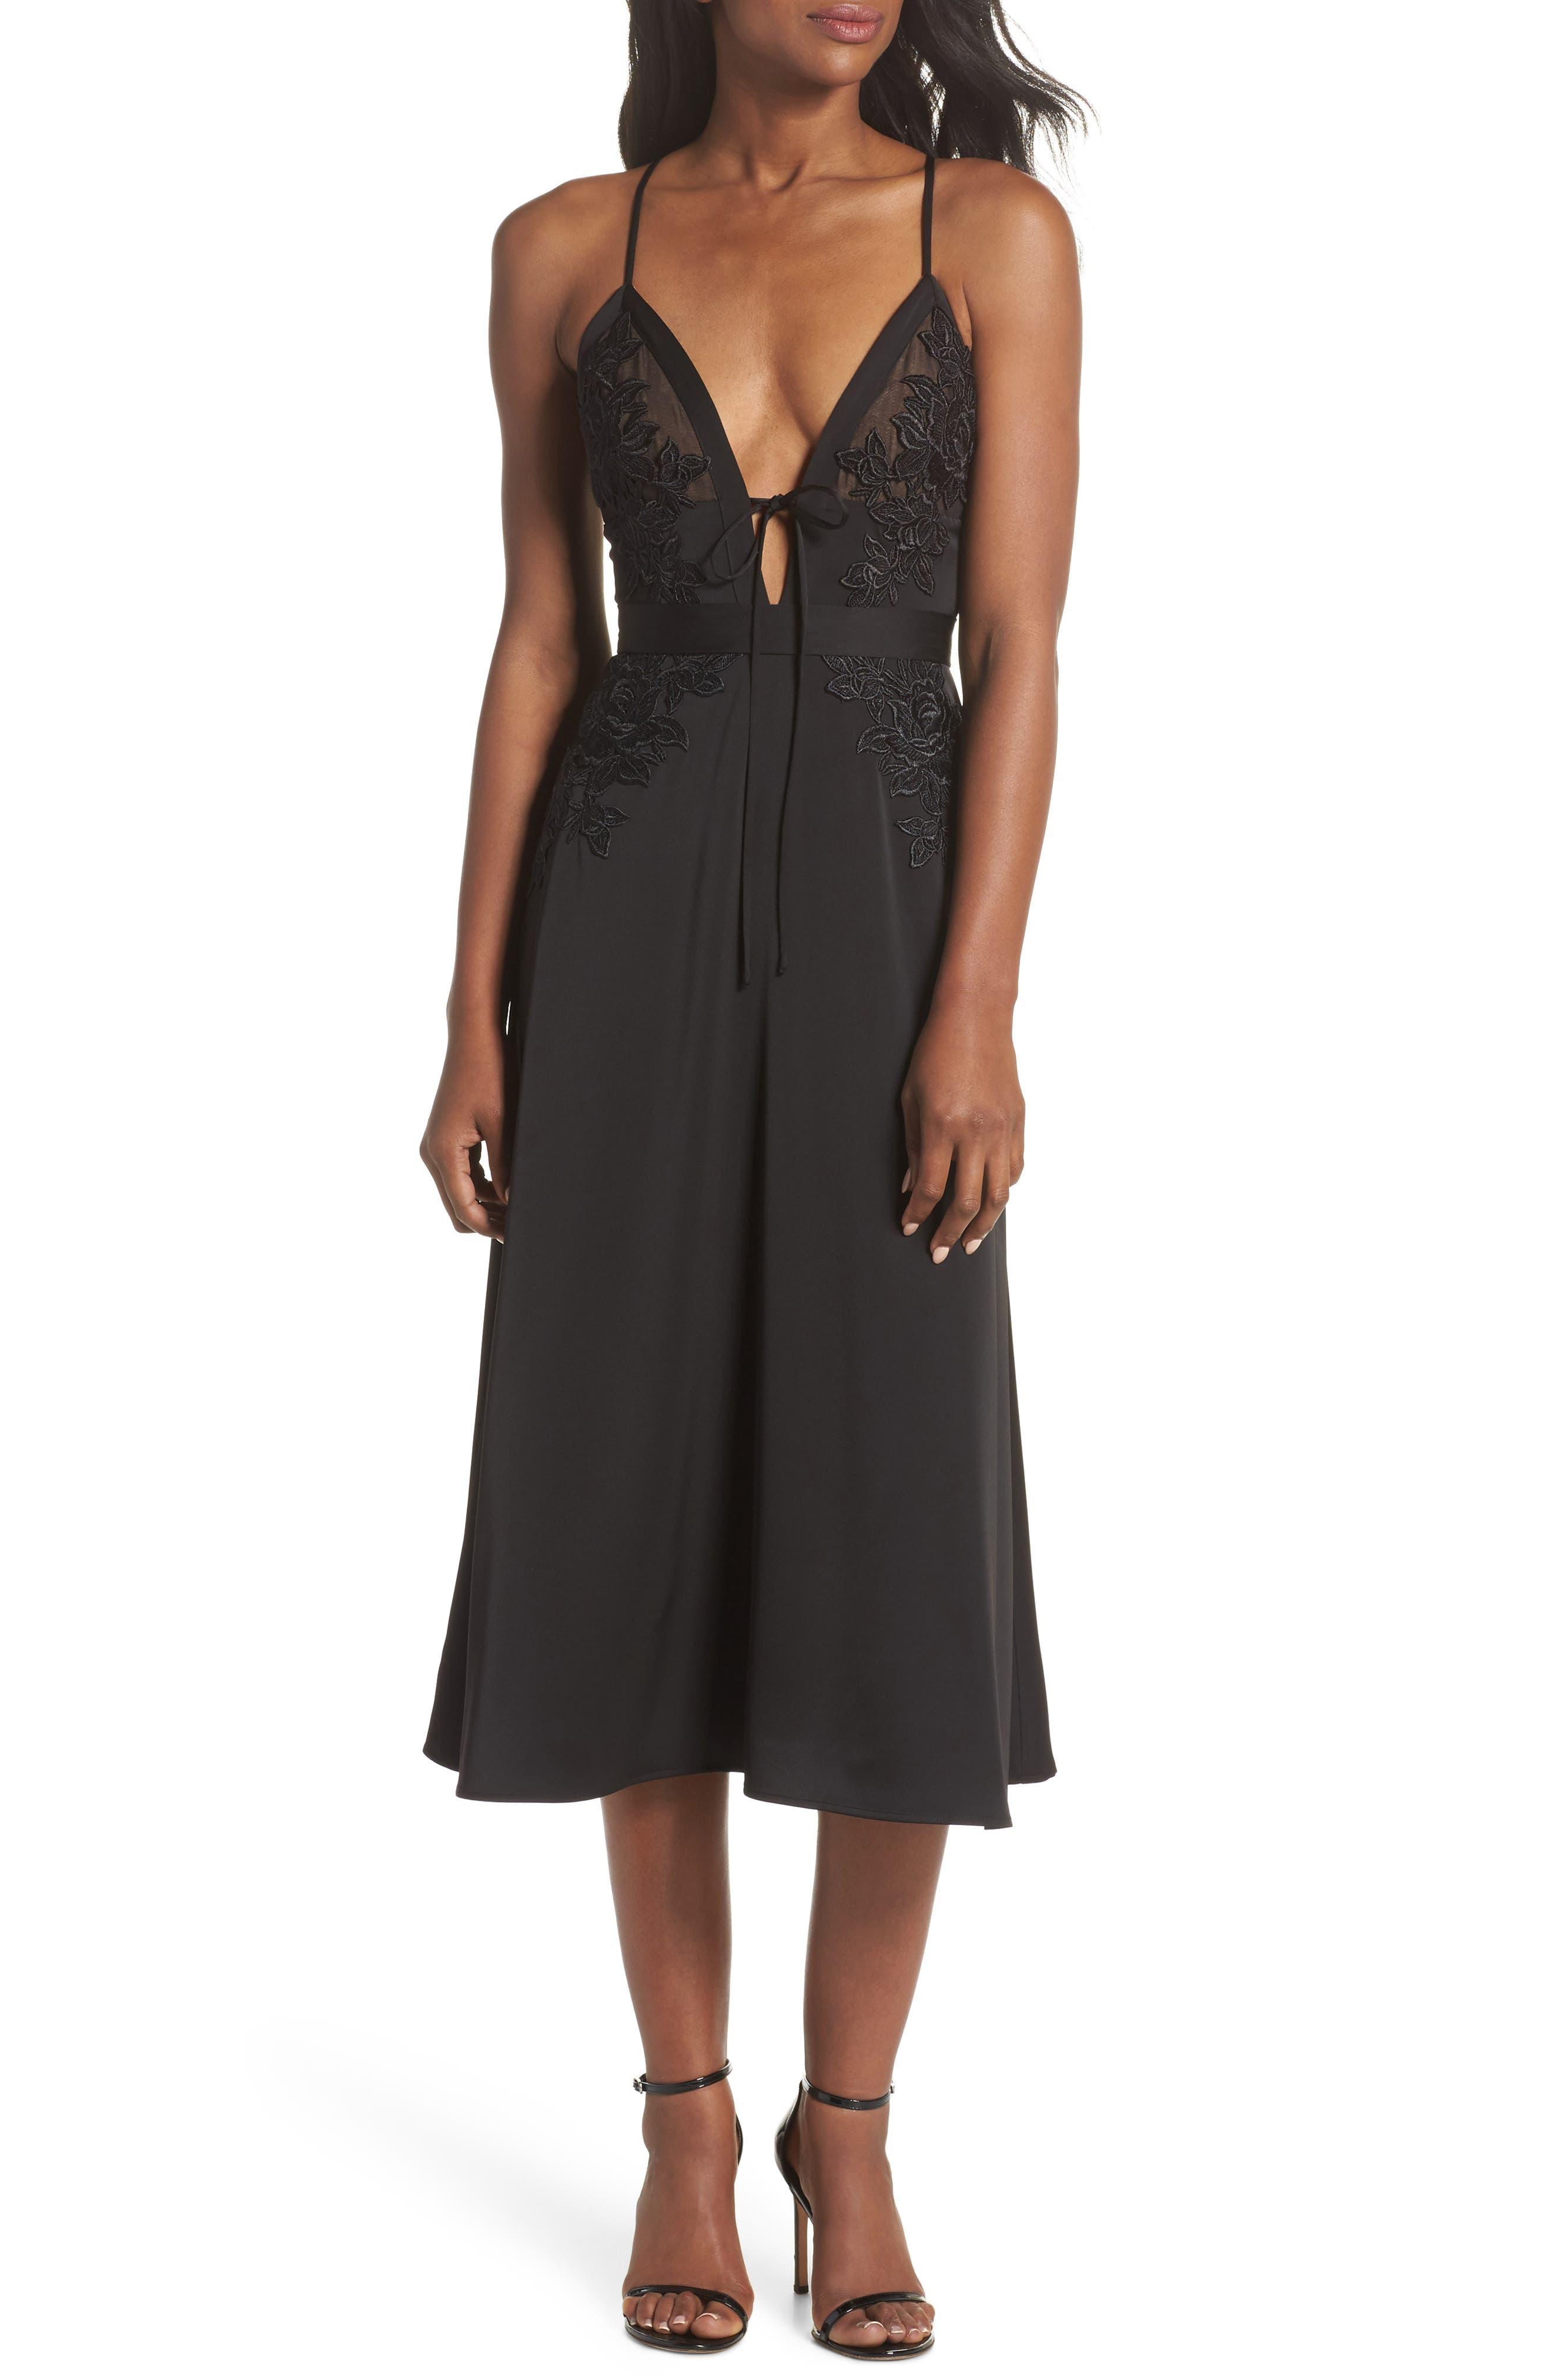 Rhea Floral Appliqué A-Line Dress,                             Main thumbnail 1, color,                             Black Multi